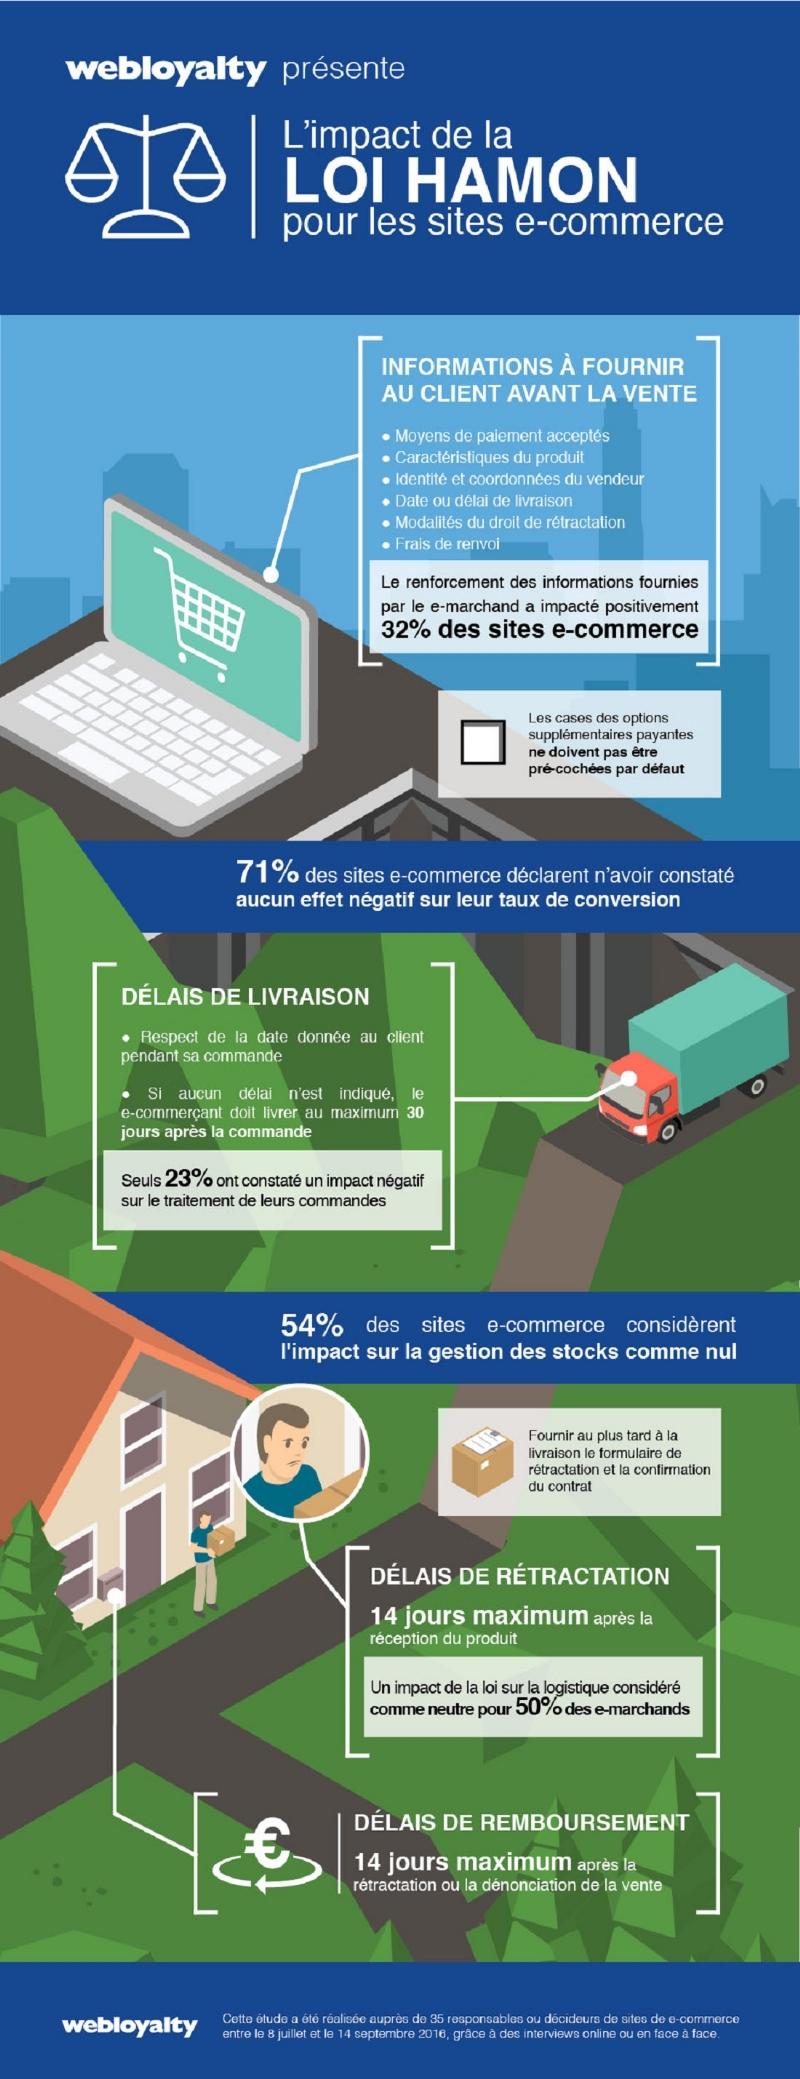 webloyalty-loi-hamon-impacts-positifs-consommateurs-commercants